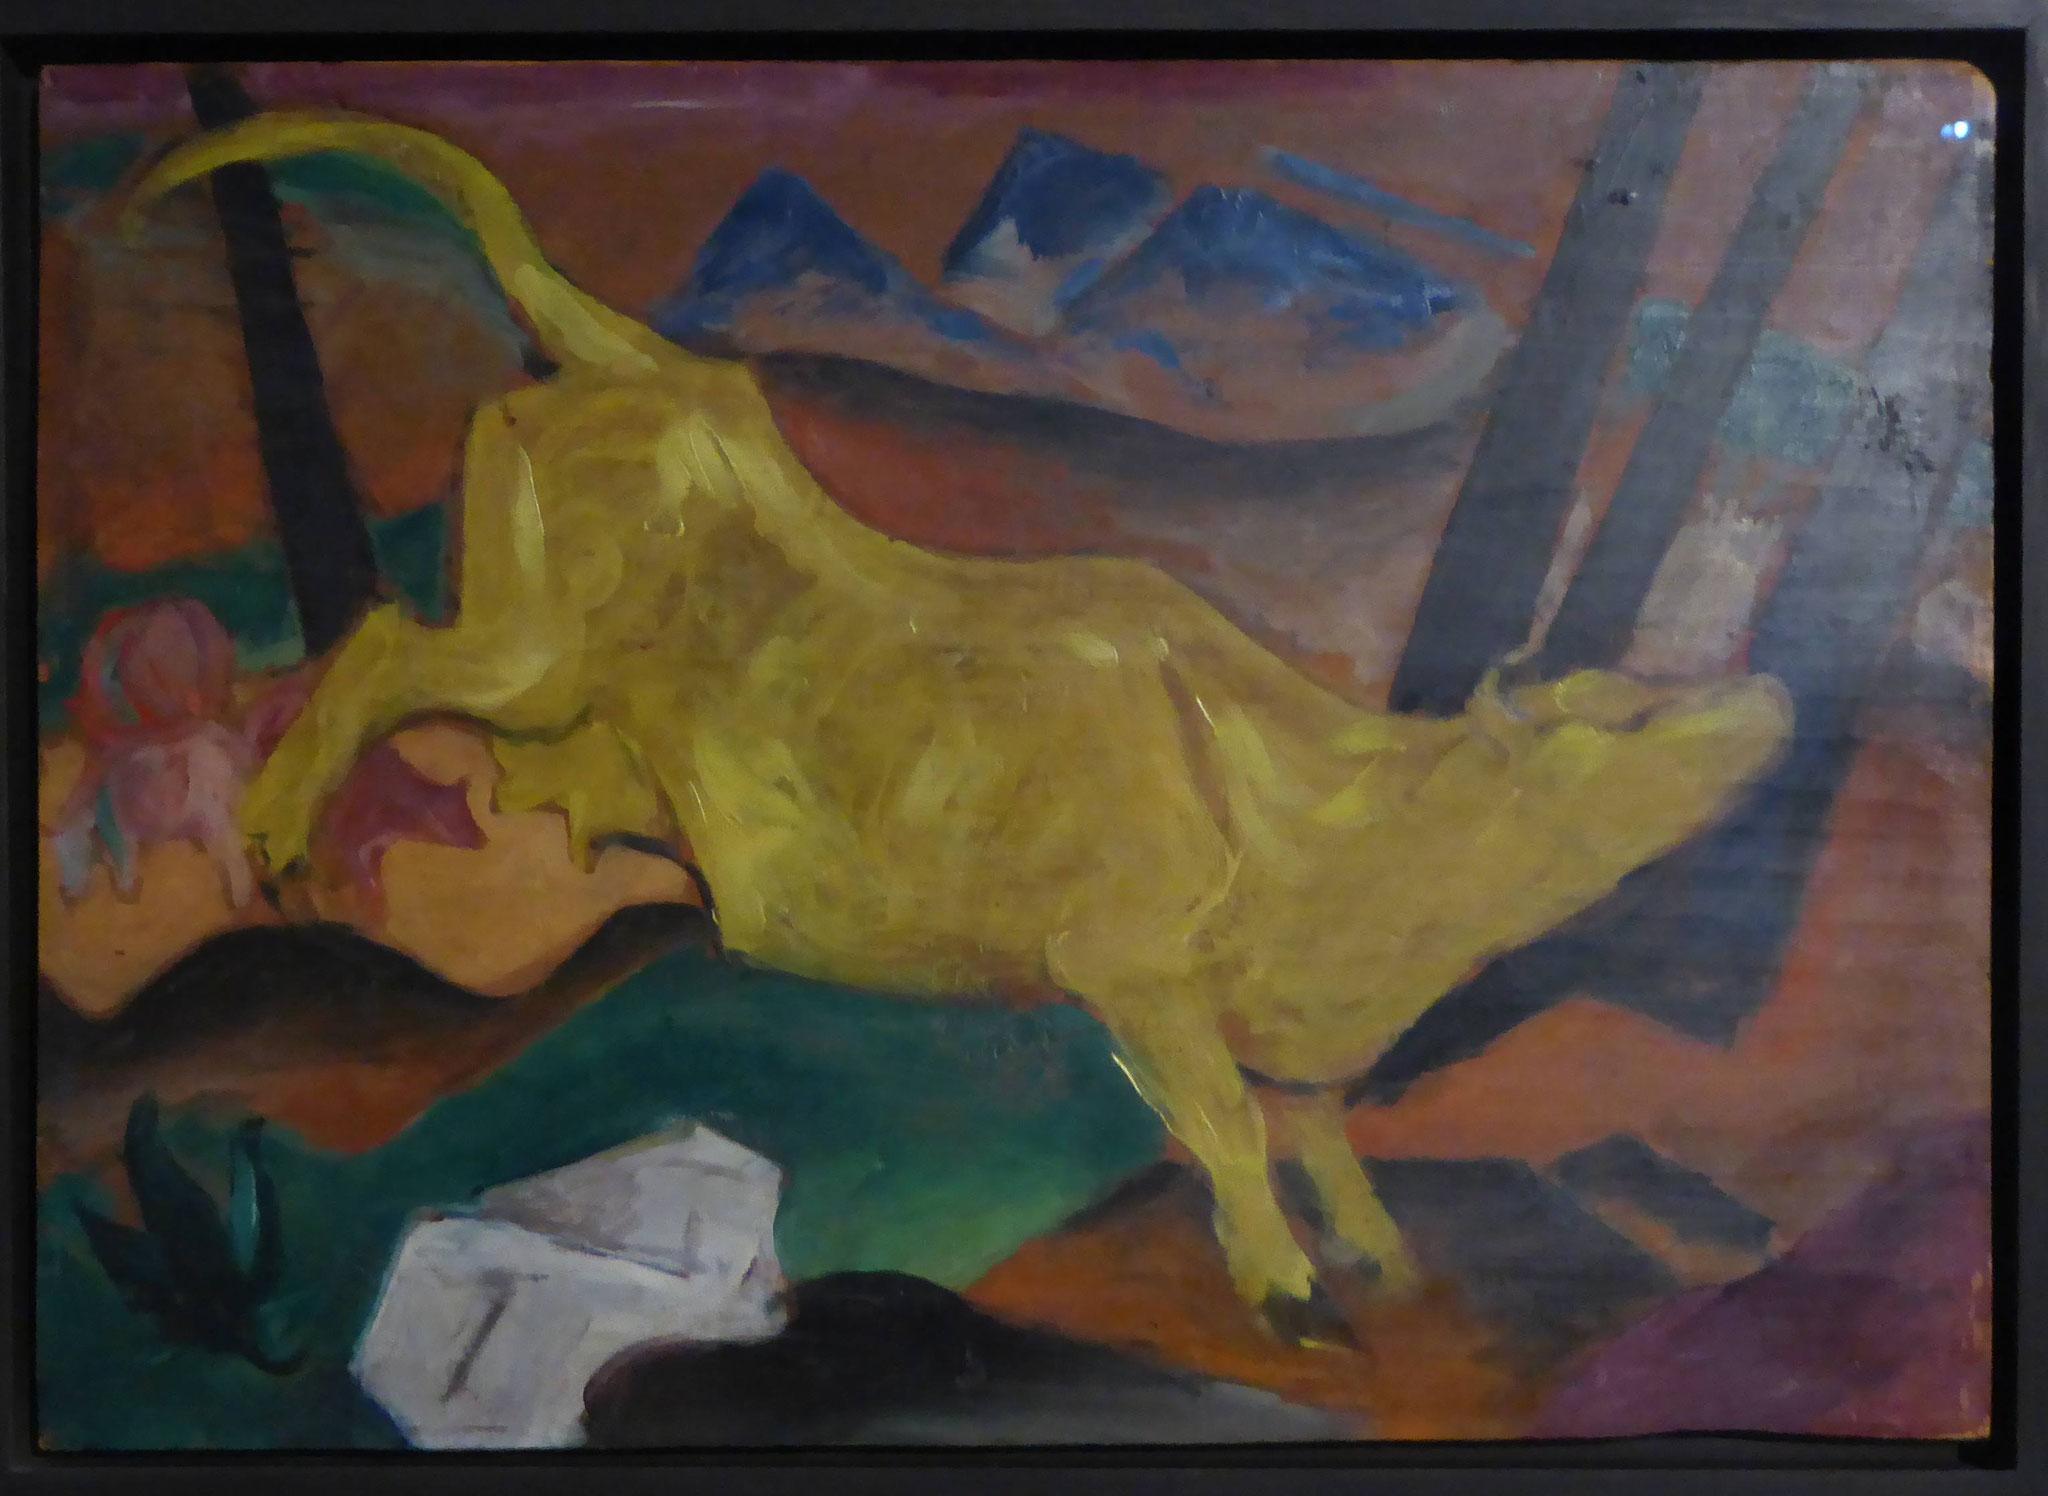 Franz Marc, Die gelbe Kuh, 1911, Museum Moritzburg, Halle